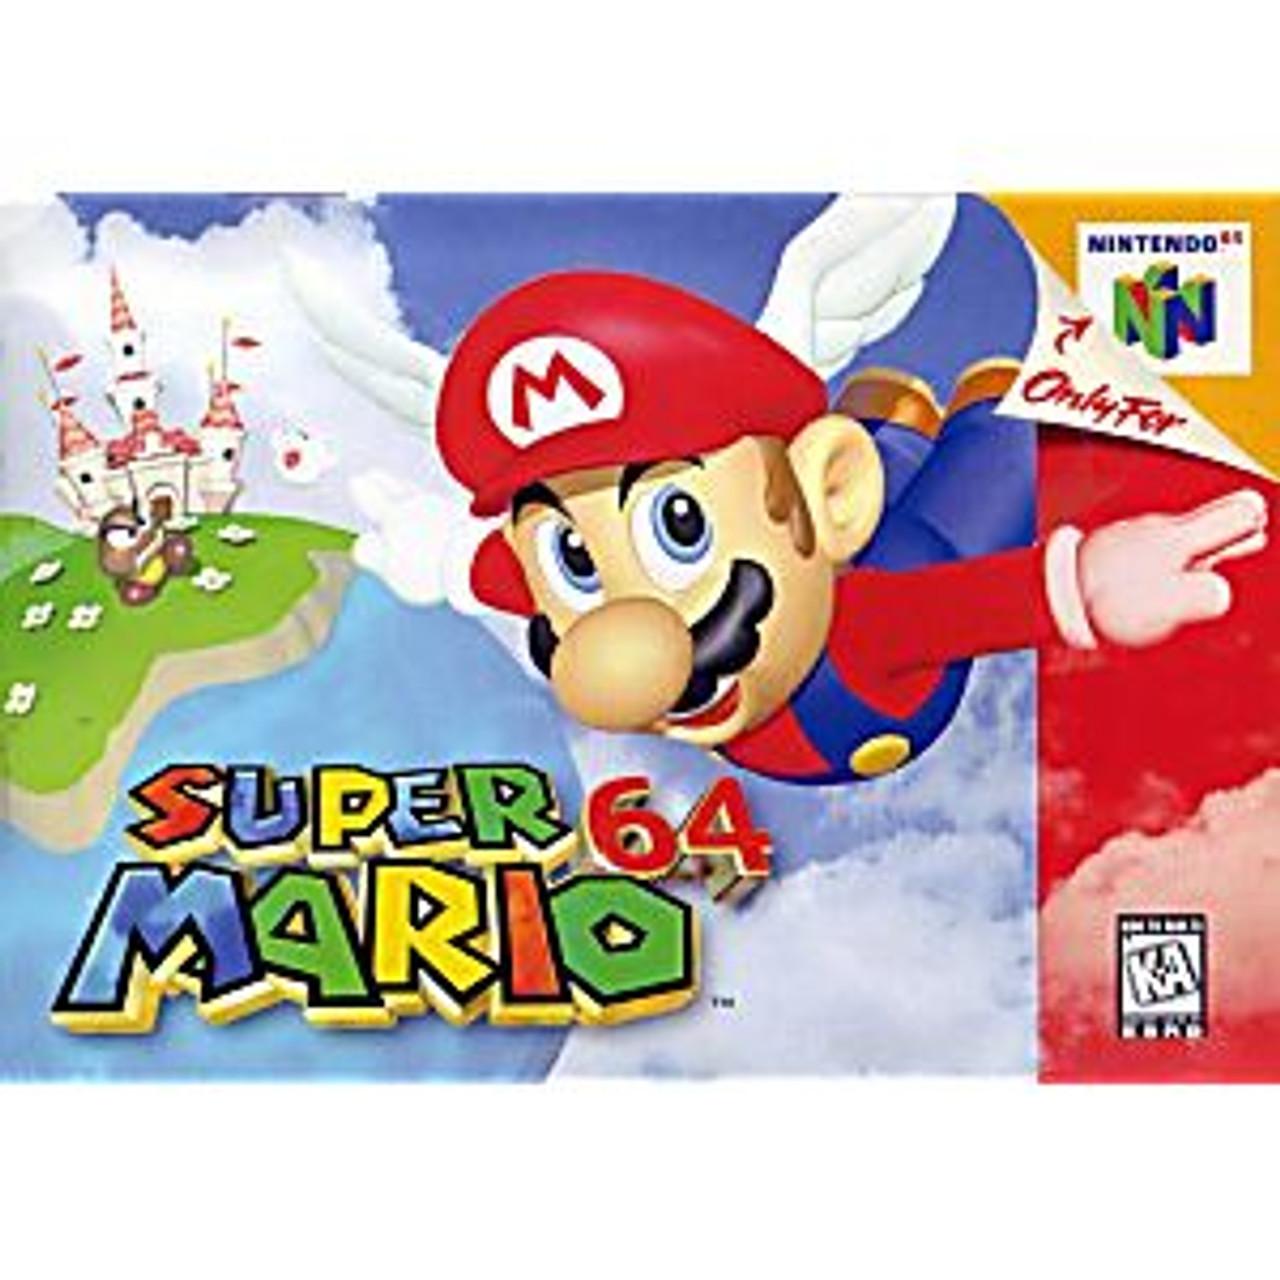 2. SUPER MARIO 64 - N64